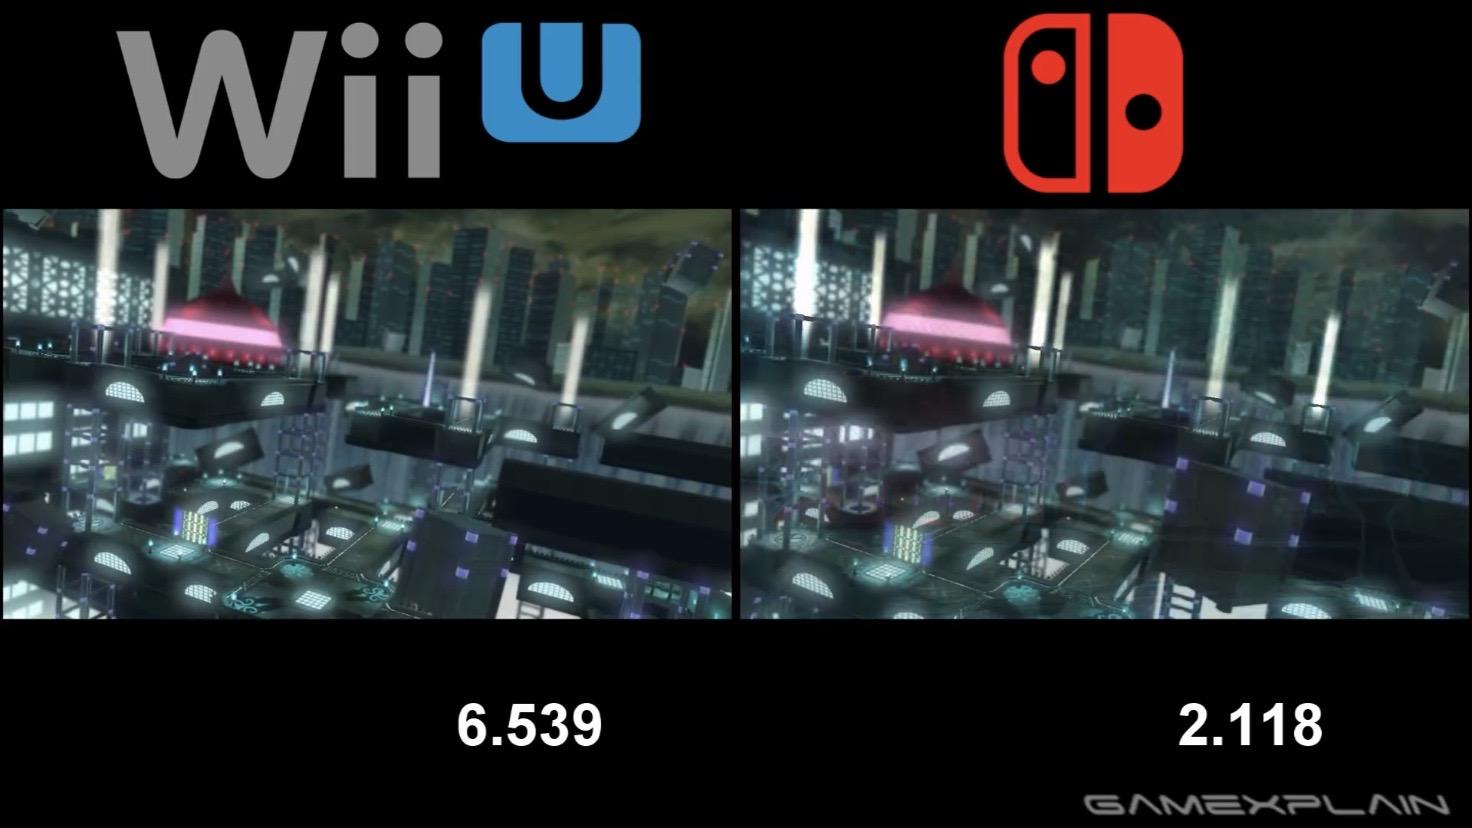 【動画】Switch「幻影異聞録♯FE Encore」がWiiU版からめちゃくちゃロード速くなってる件